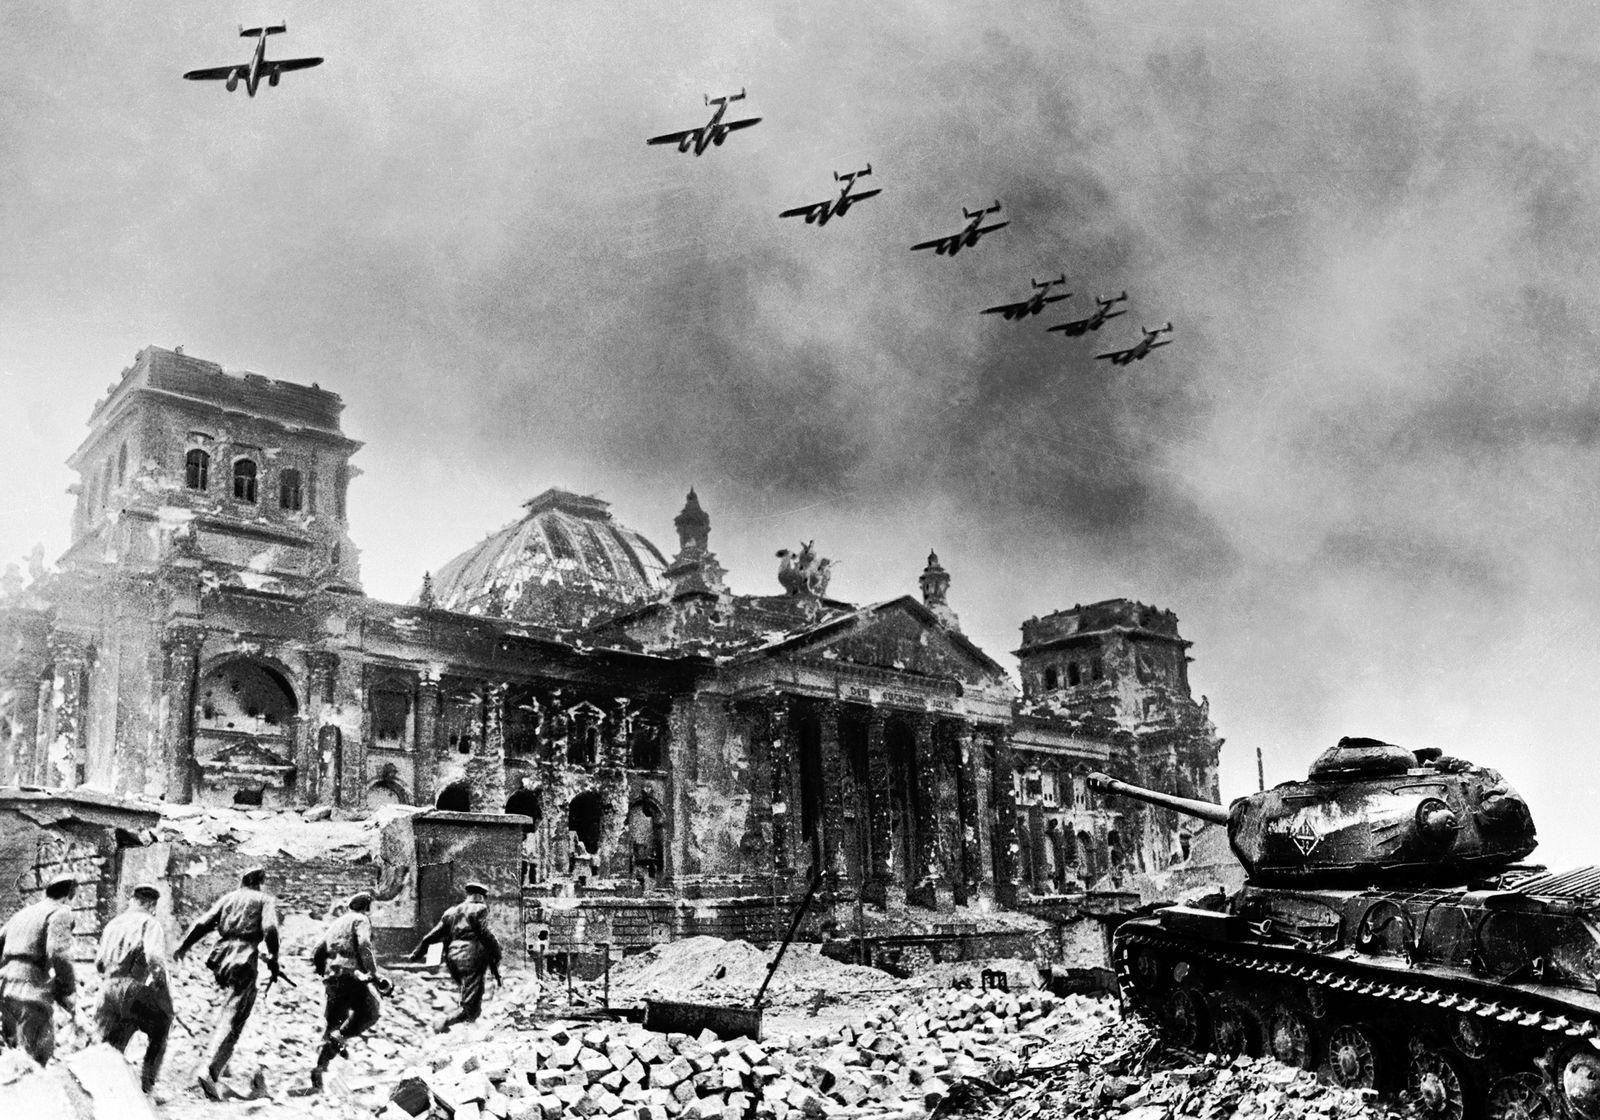 NICHT MEHR VERWENDEN! - EINMALIGE VERWENDUNG Luftangriff Berlin 1945